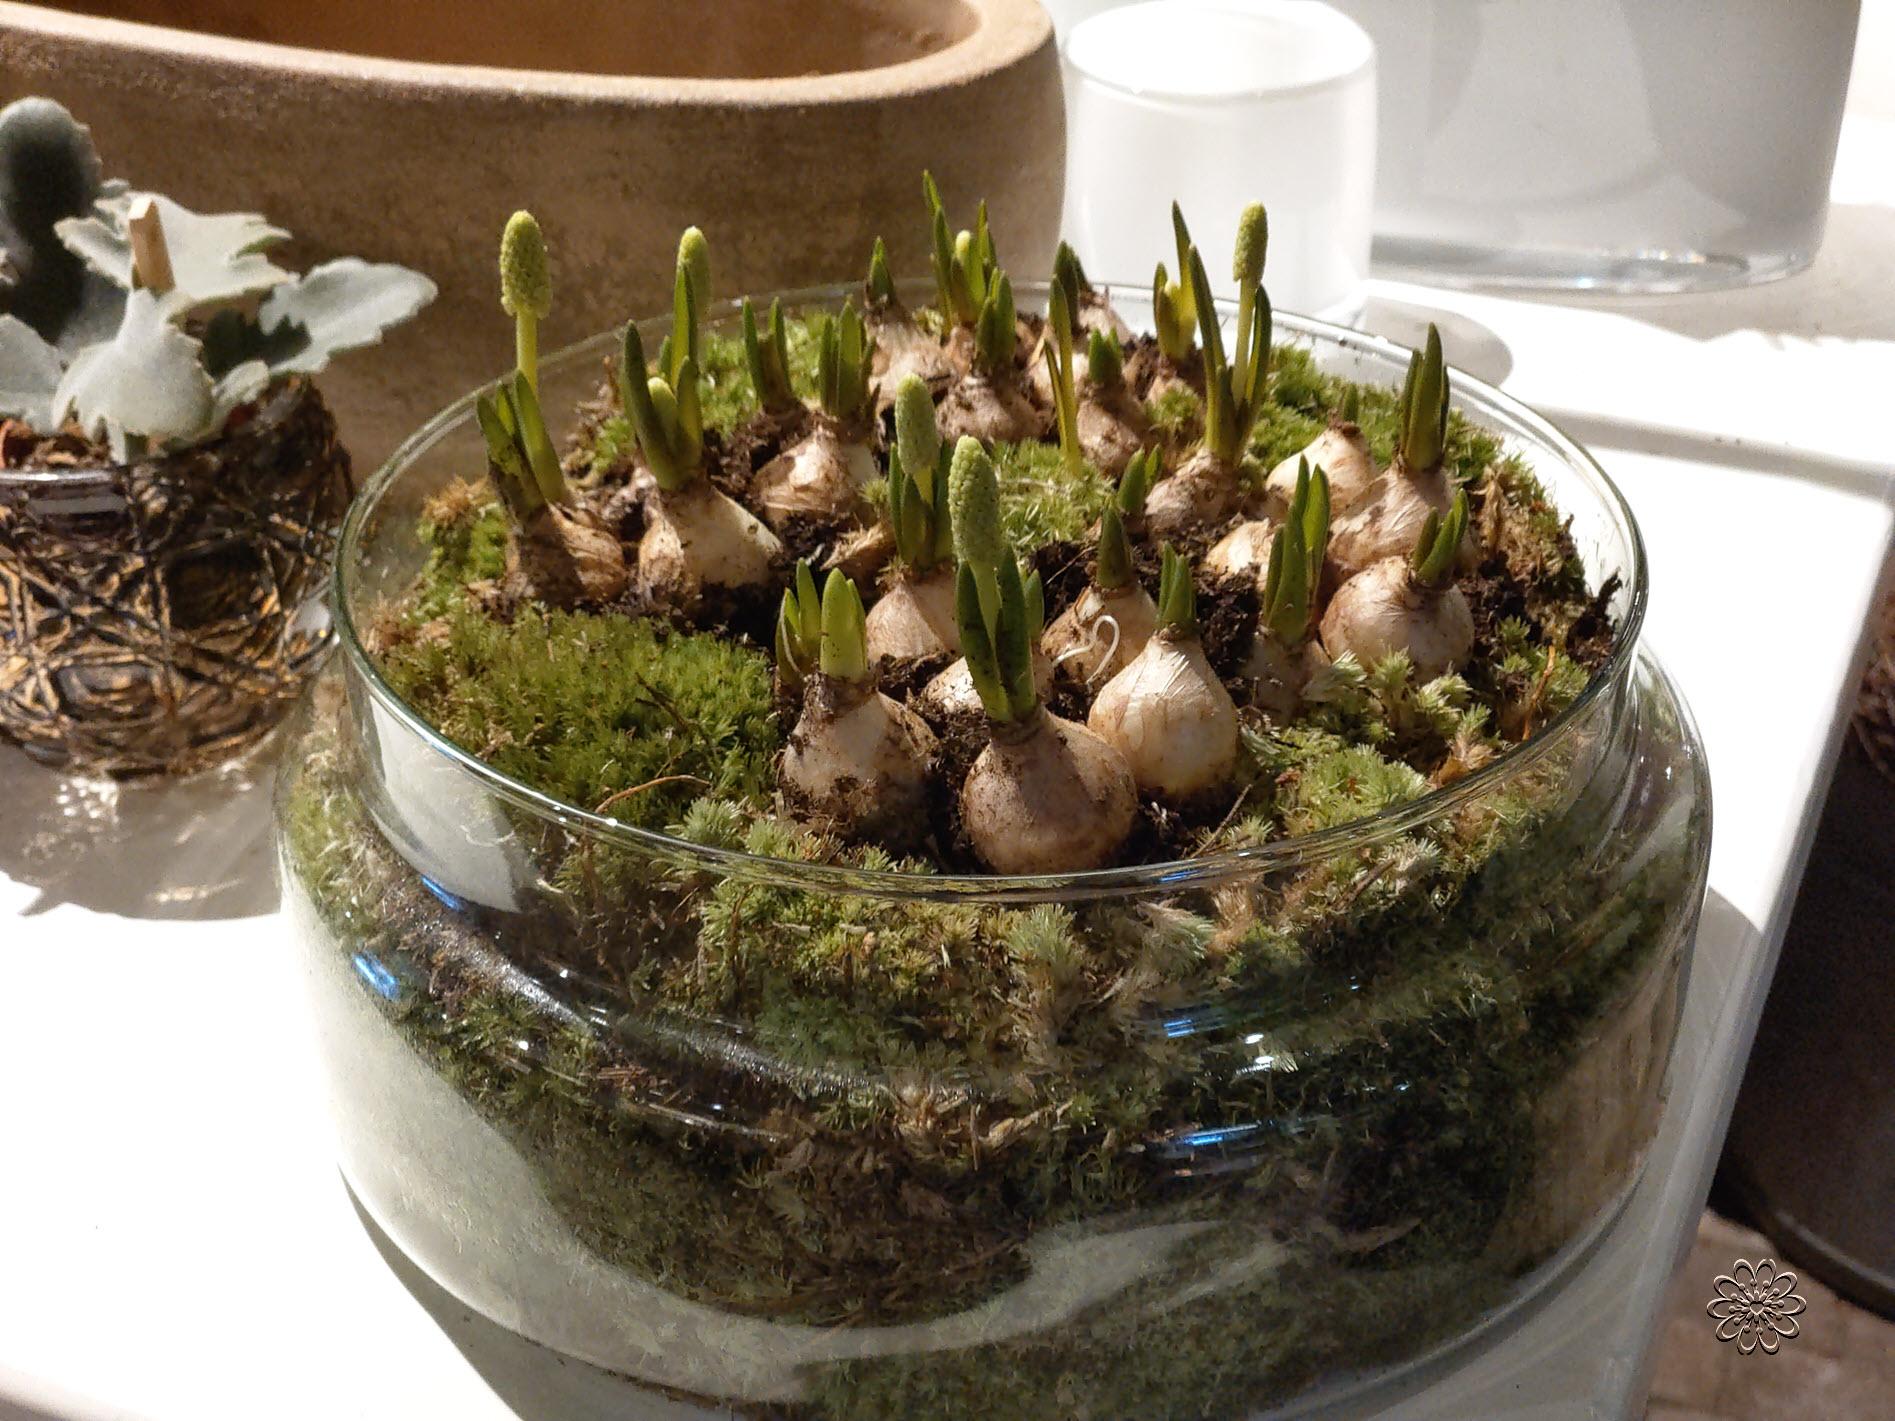 Bloemsierkunst Groeneveld bloemenwinkel Haren Groningen voor kamerplanten en bloembollen